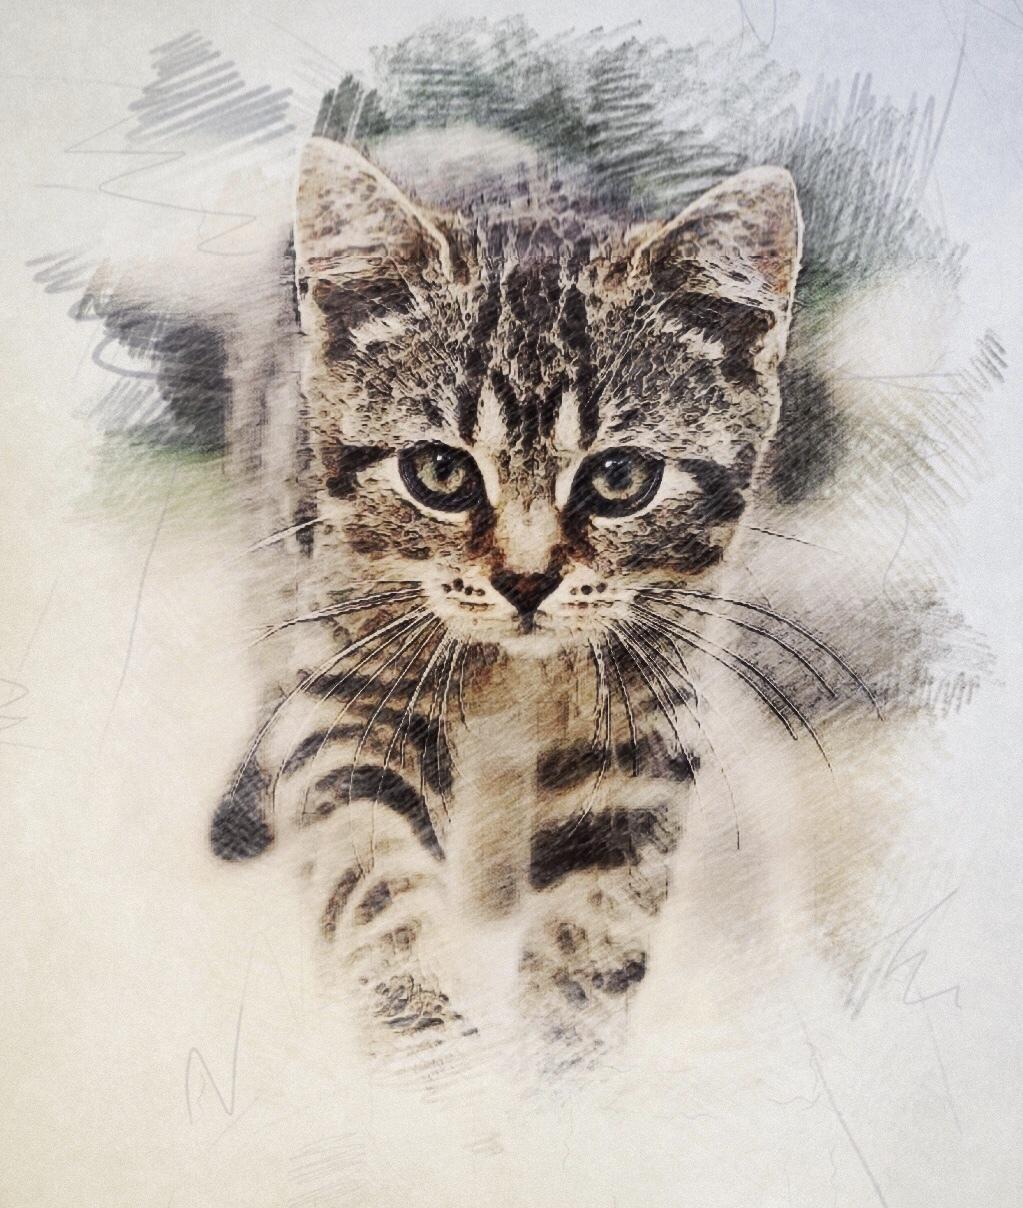 期間限定3枚まで♪】写真を色鉛筆タッチに仕上げます お気に入りの写真をもっと魅力的に♪ペットや風景の写真もOK☆